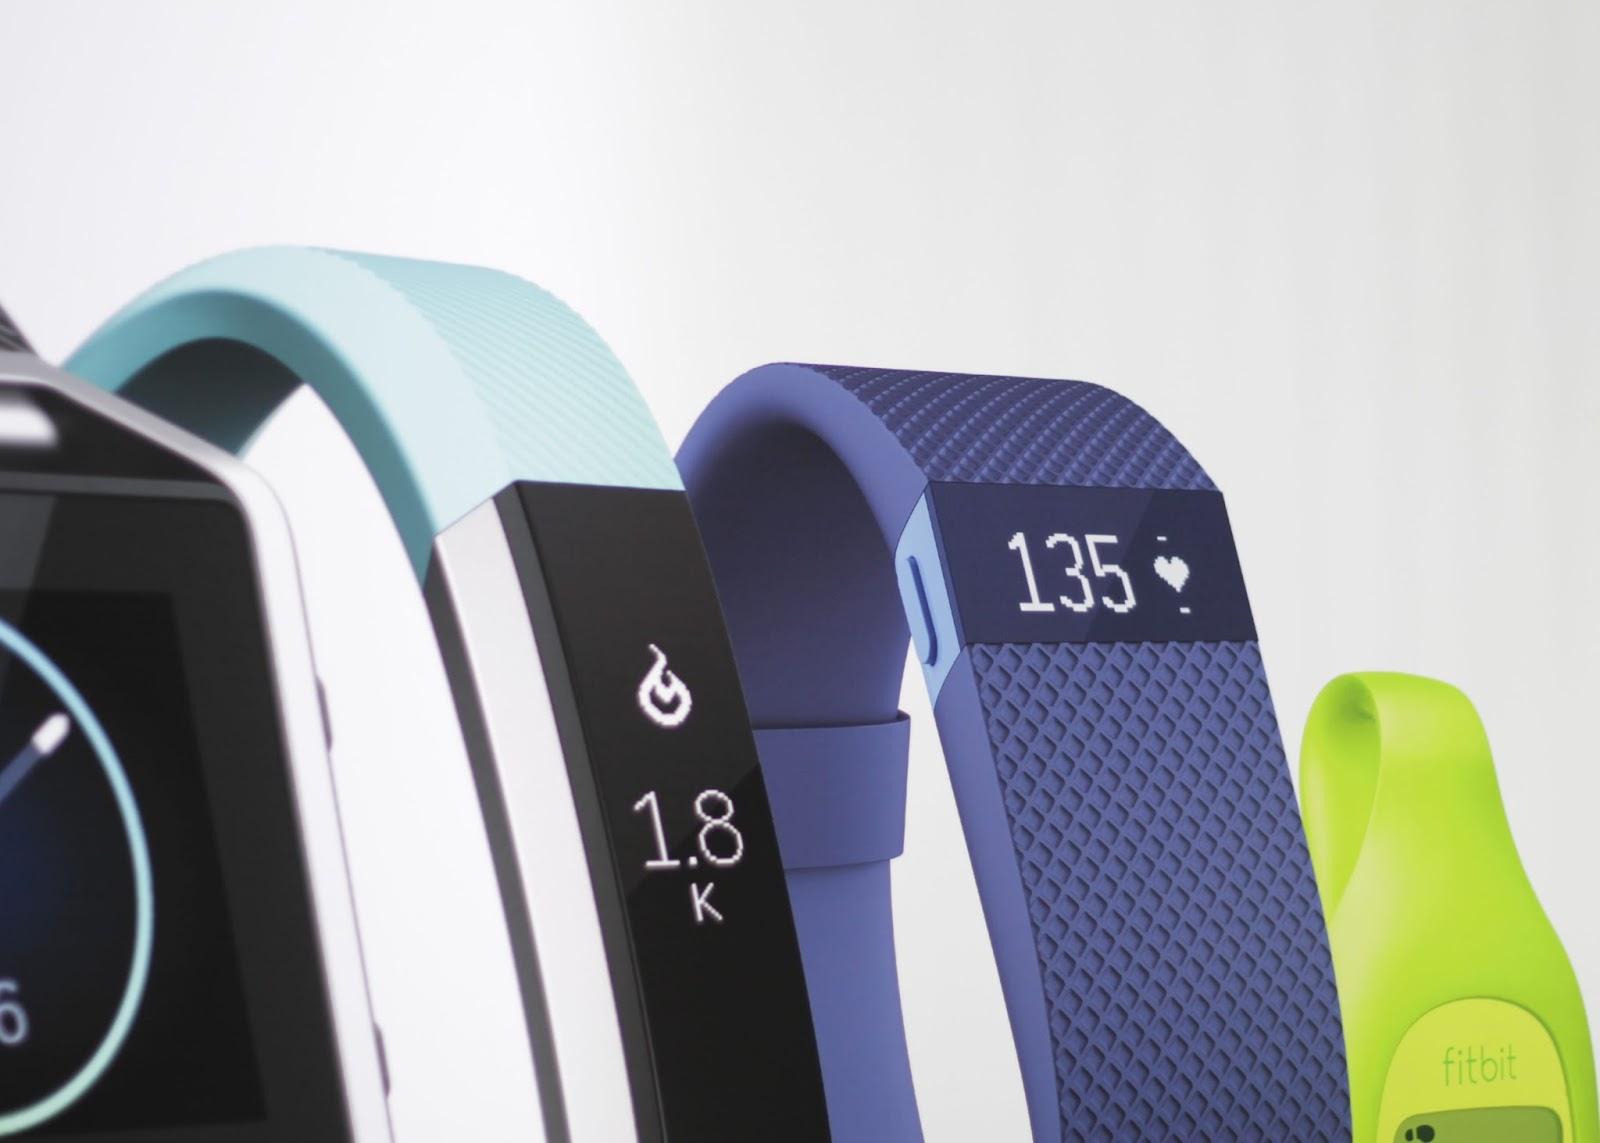 REKLAME für Fitbit Charge HR und die Qual der Wahl - Ü50 ...